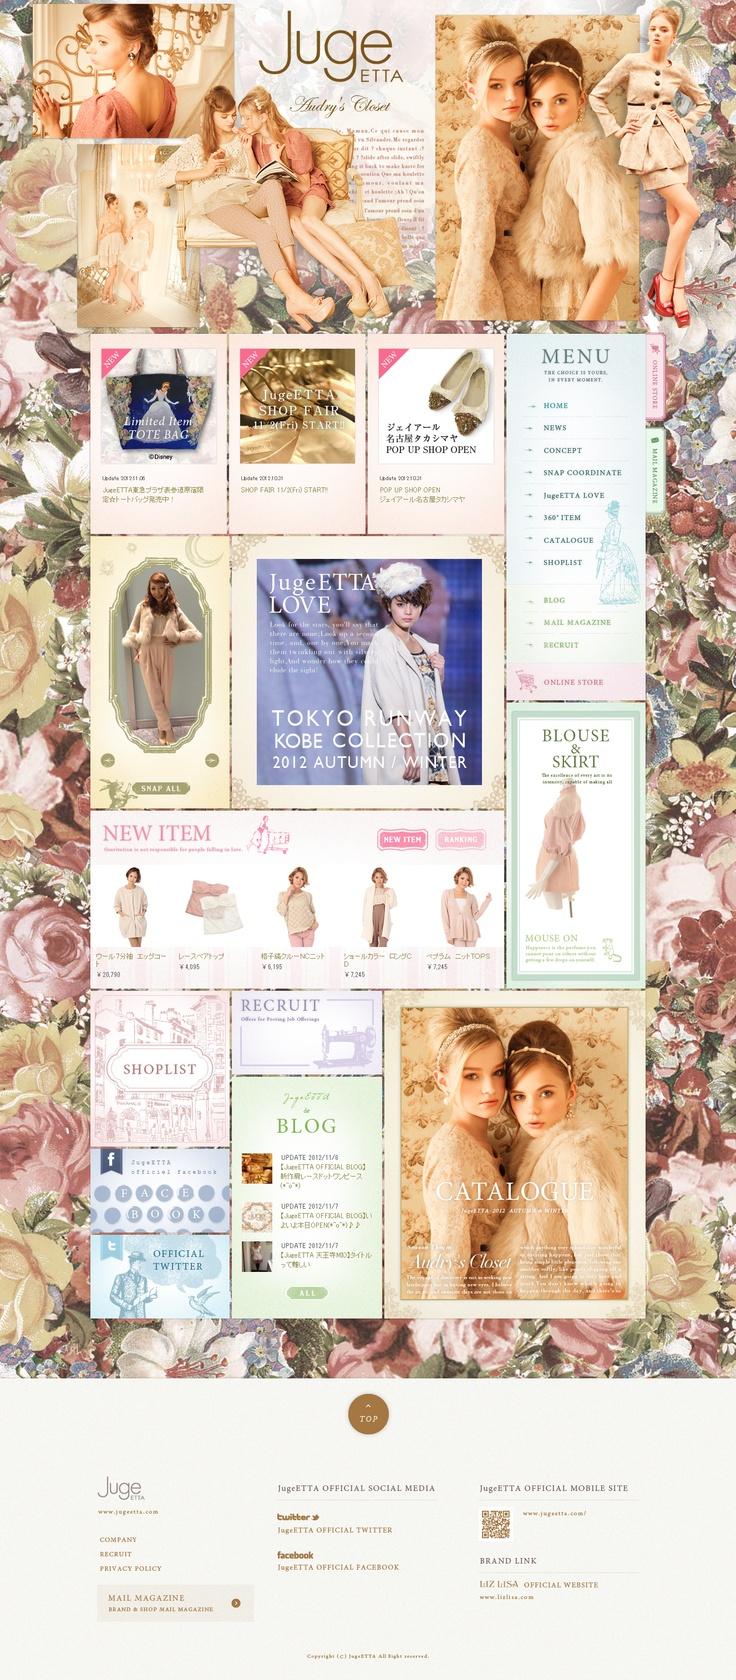 http://jugeetta.com/ #webdesign